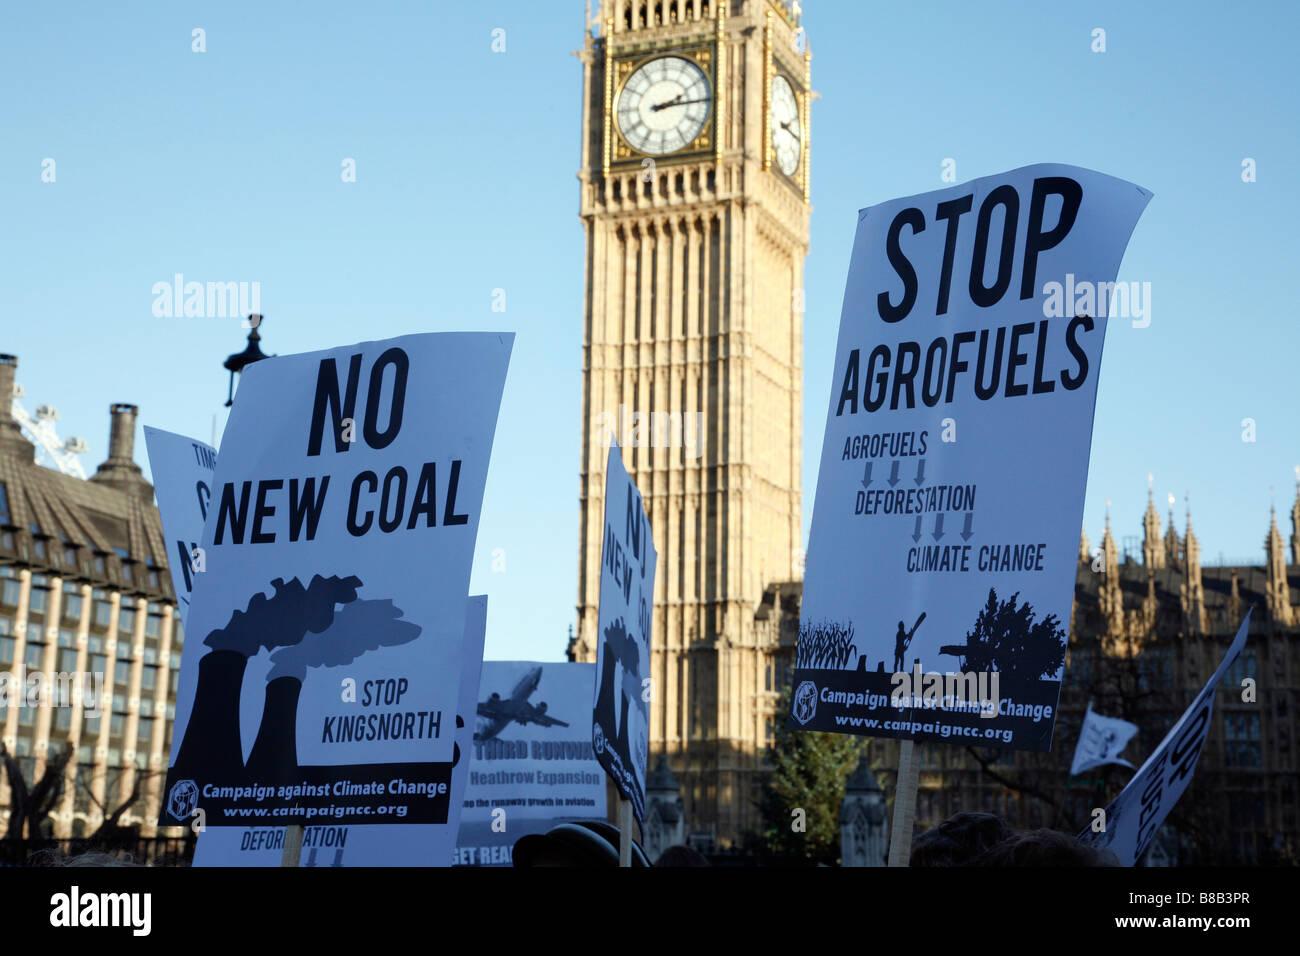 La campagna contro i cambiamenti climatici, Clima nazionale marzo a Londra il 6 dicembre 2008. Immagini Stock